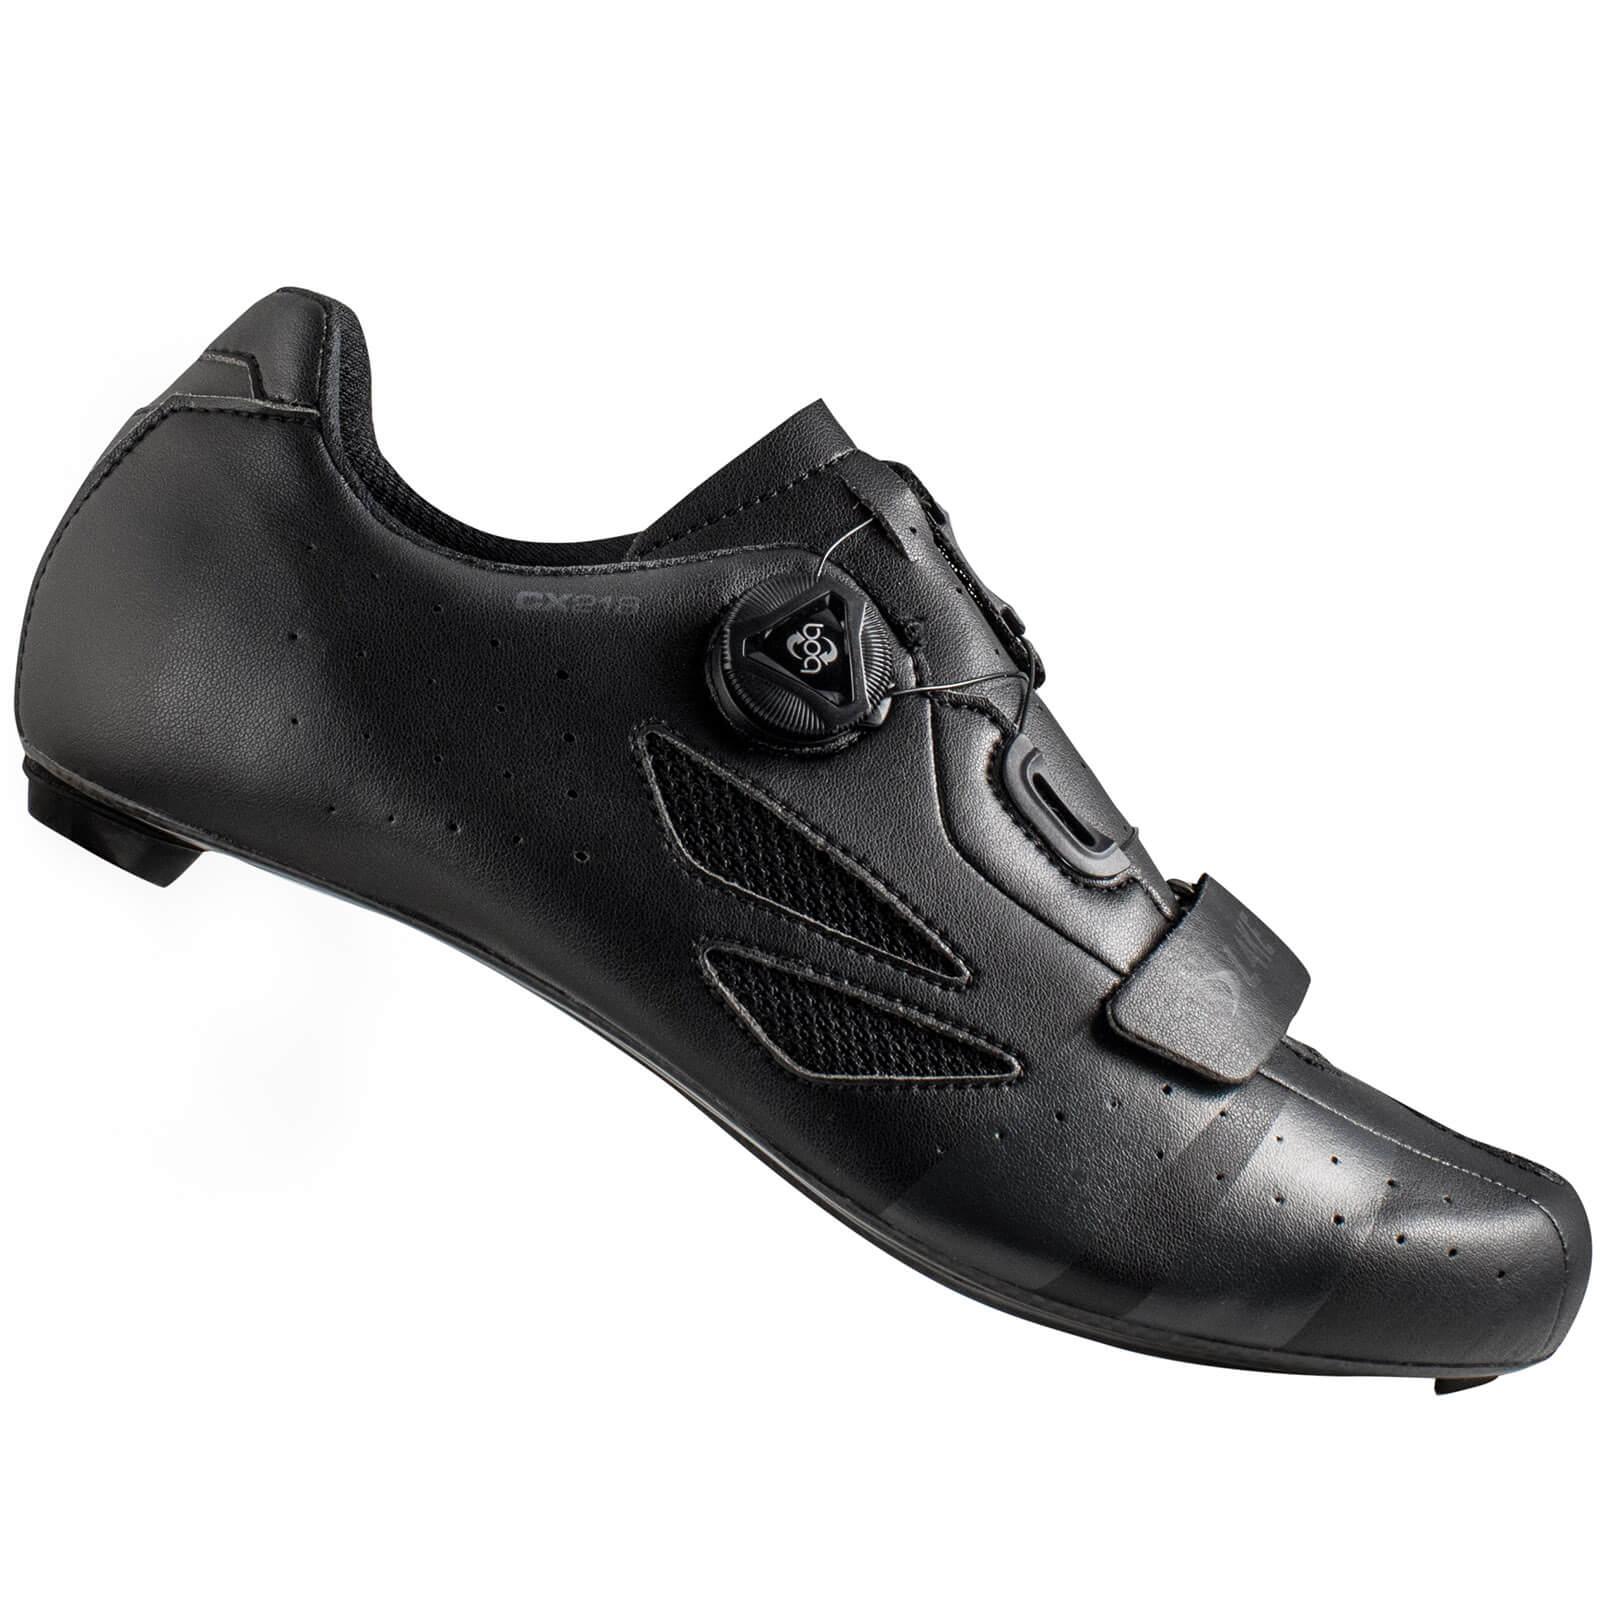 Lake CX218 Carbon Road Shoes - Black/Grey - EU 44